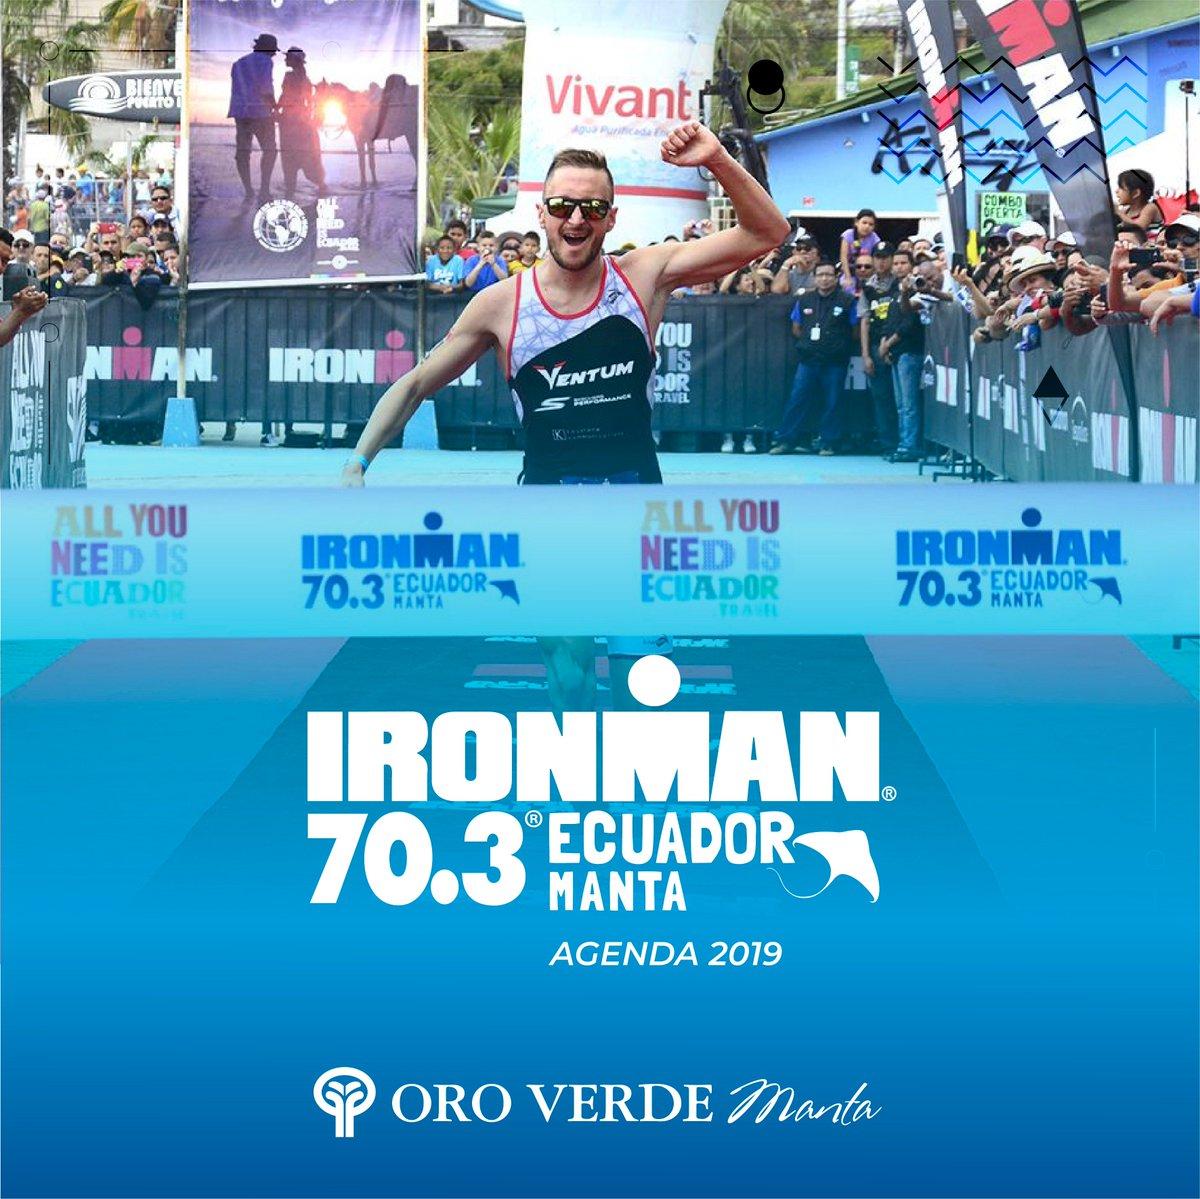 En esta nueva edición del Ironman Manta 70.30 te esperamos para juntos compartir días llenos de relax y confort acompañados de una amplia y exquisita variedad gastronómica. Conoce la Agenda Ironman Manta 70.30  #Ironman7030 #Manta #OroVerdeManta https://t.co/aLv6bcl4OS